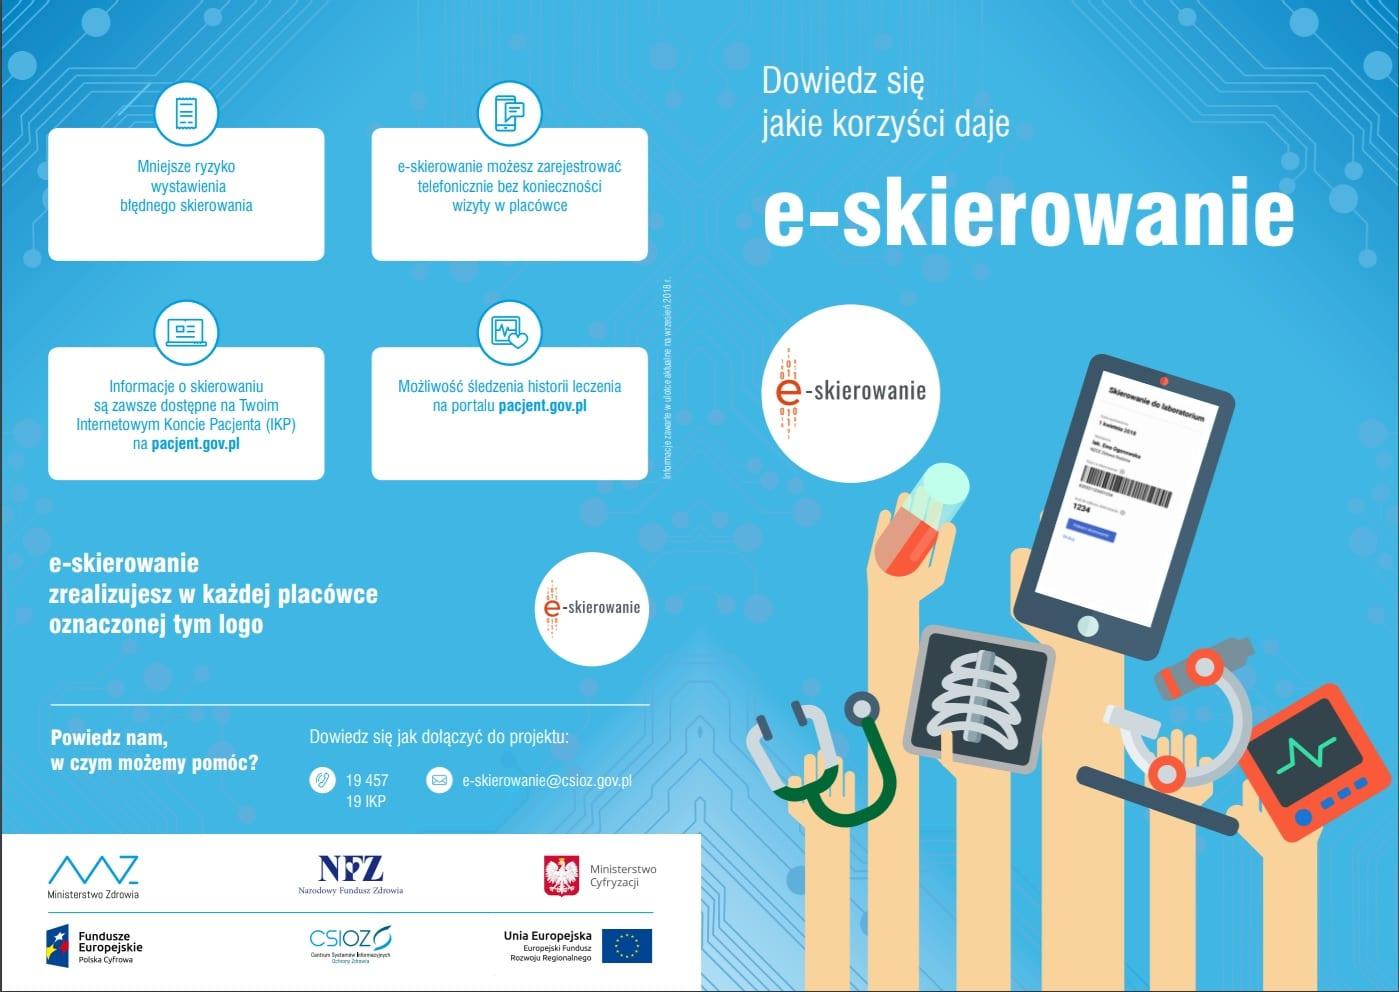 e-skierowanie (źródło: pacjent.gov.pl)